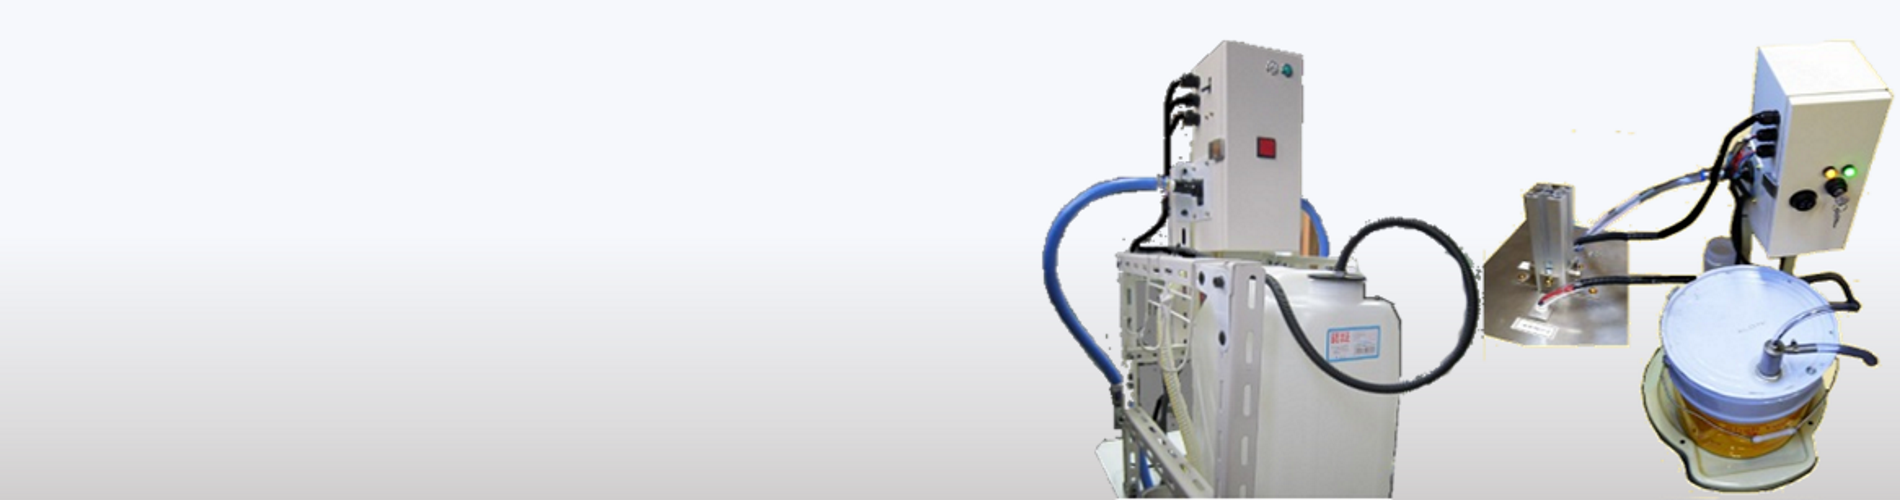 金属切削加工用研磨液の自動ミキシング装置です。